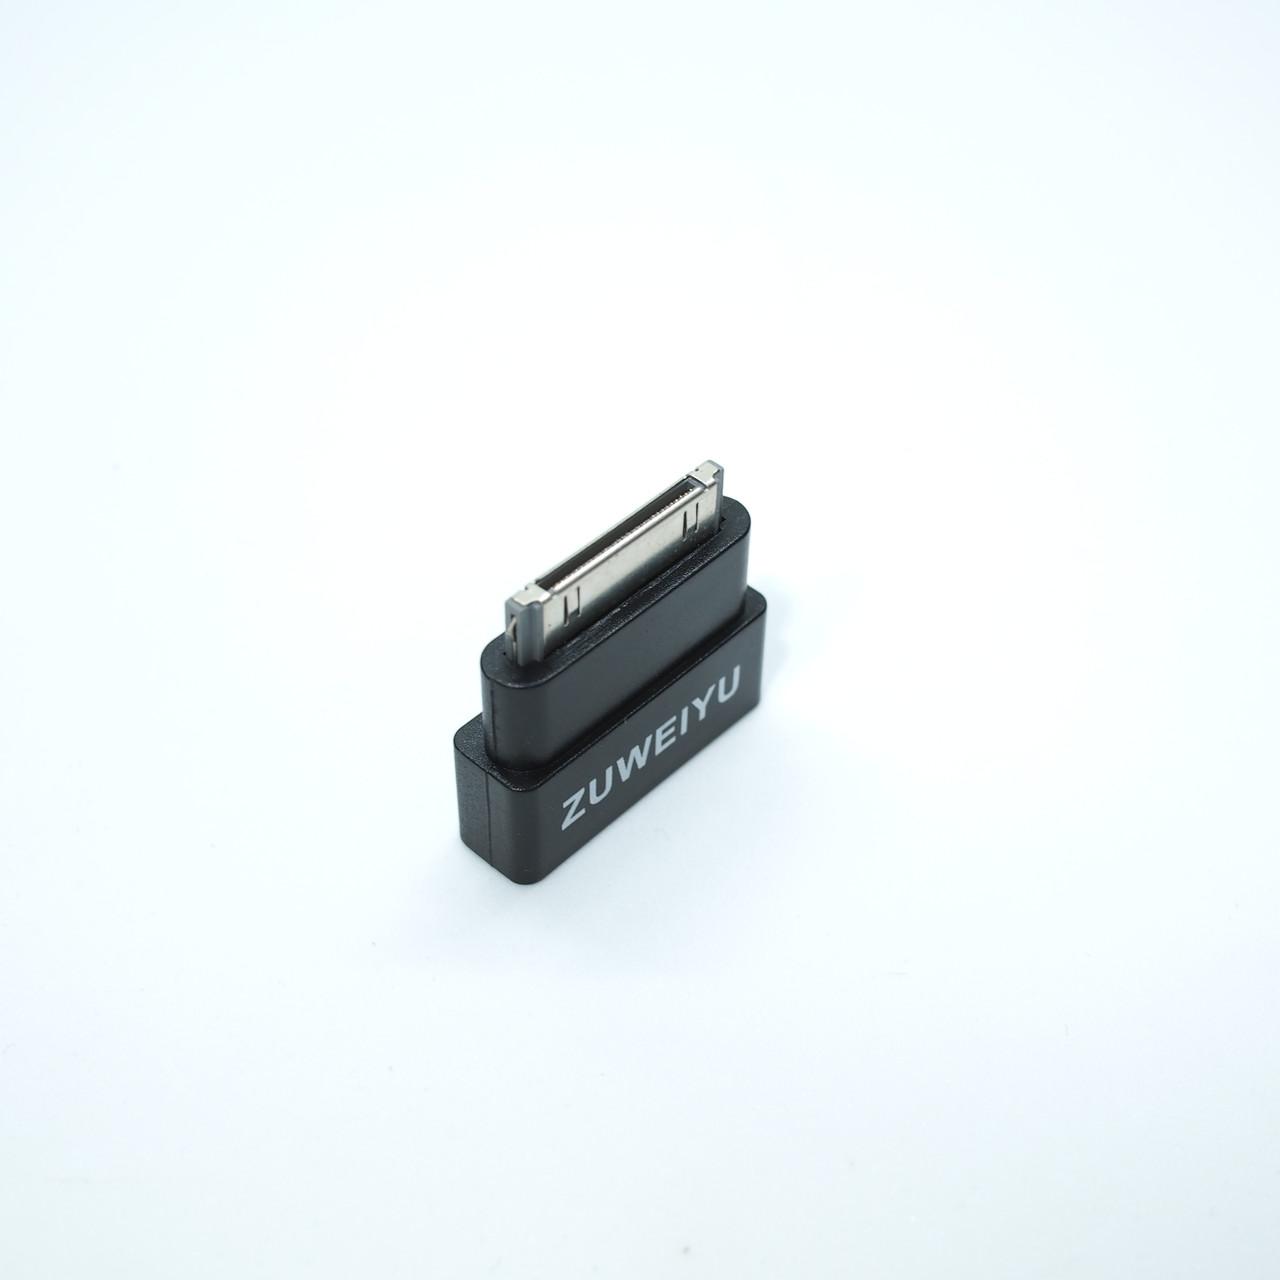 Переходники и адаптеры Адаптер 30-pin Zuweiyu black